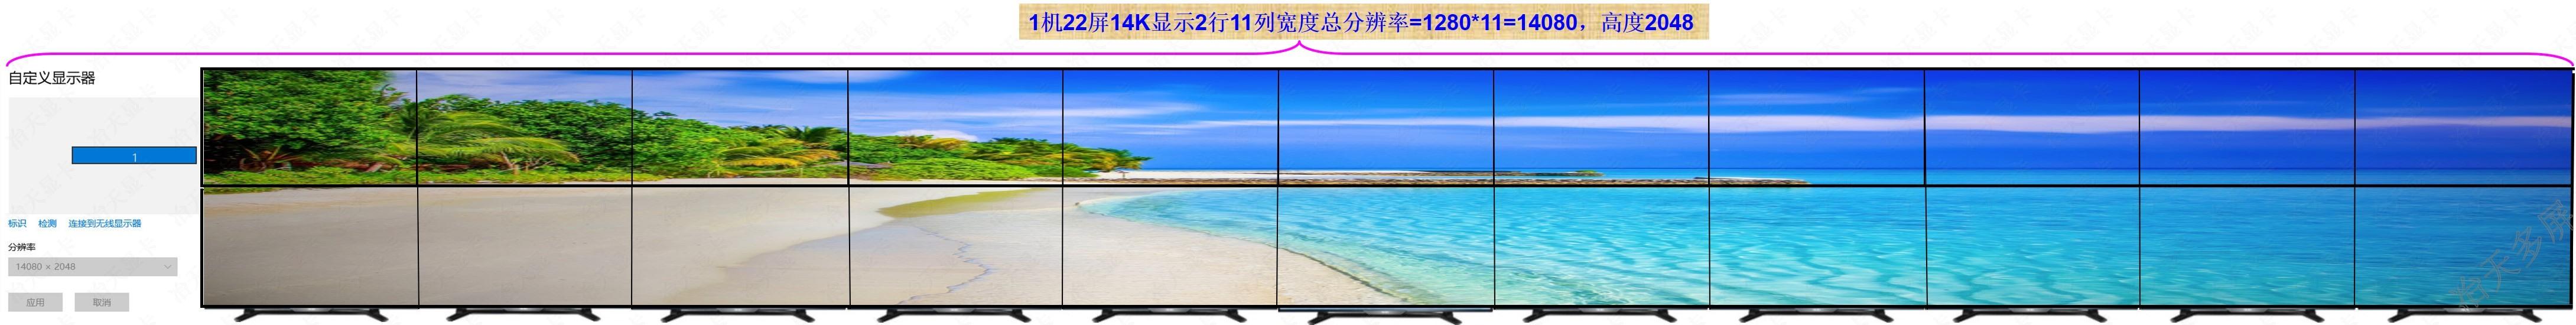 横向22屏拼接14K液晶显示墙KTV夜店全景显示展馆